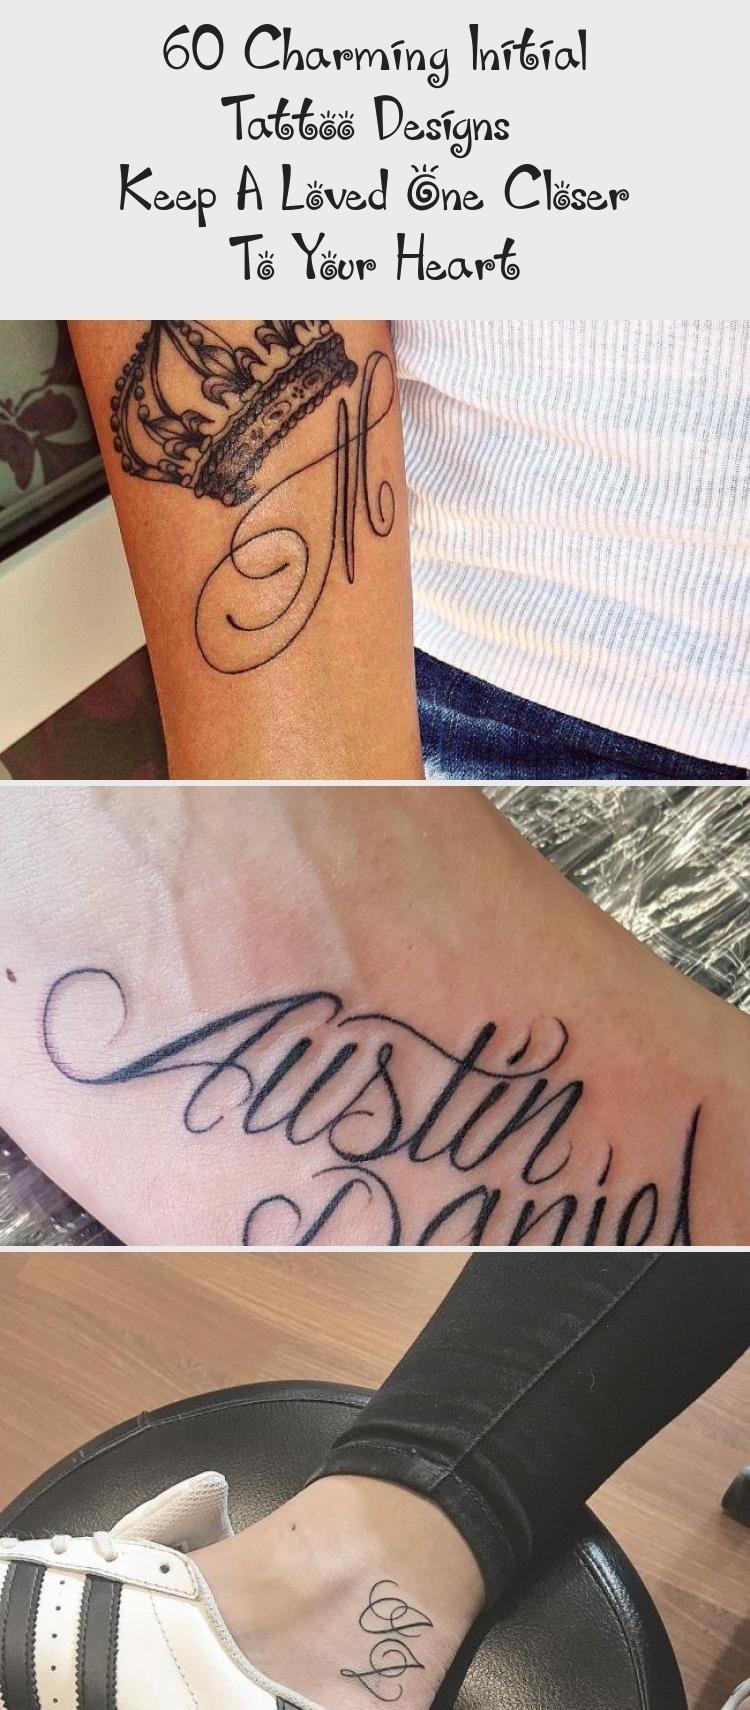 Photo of 55 Charmante anfängliche Tattoo-Designs – Halten Sie einen geliebten Menschen n…